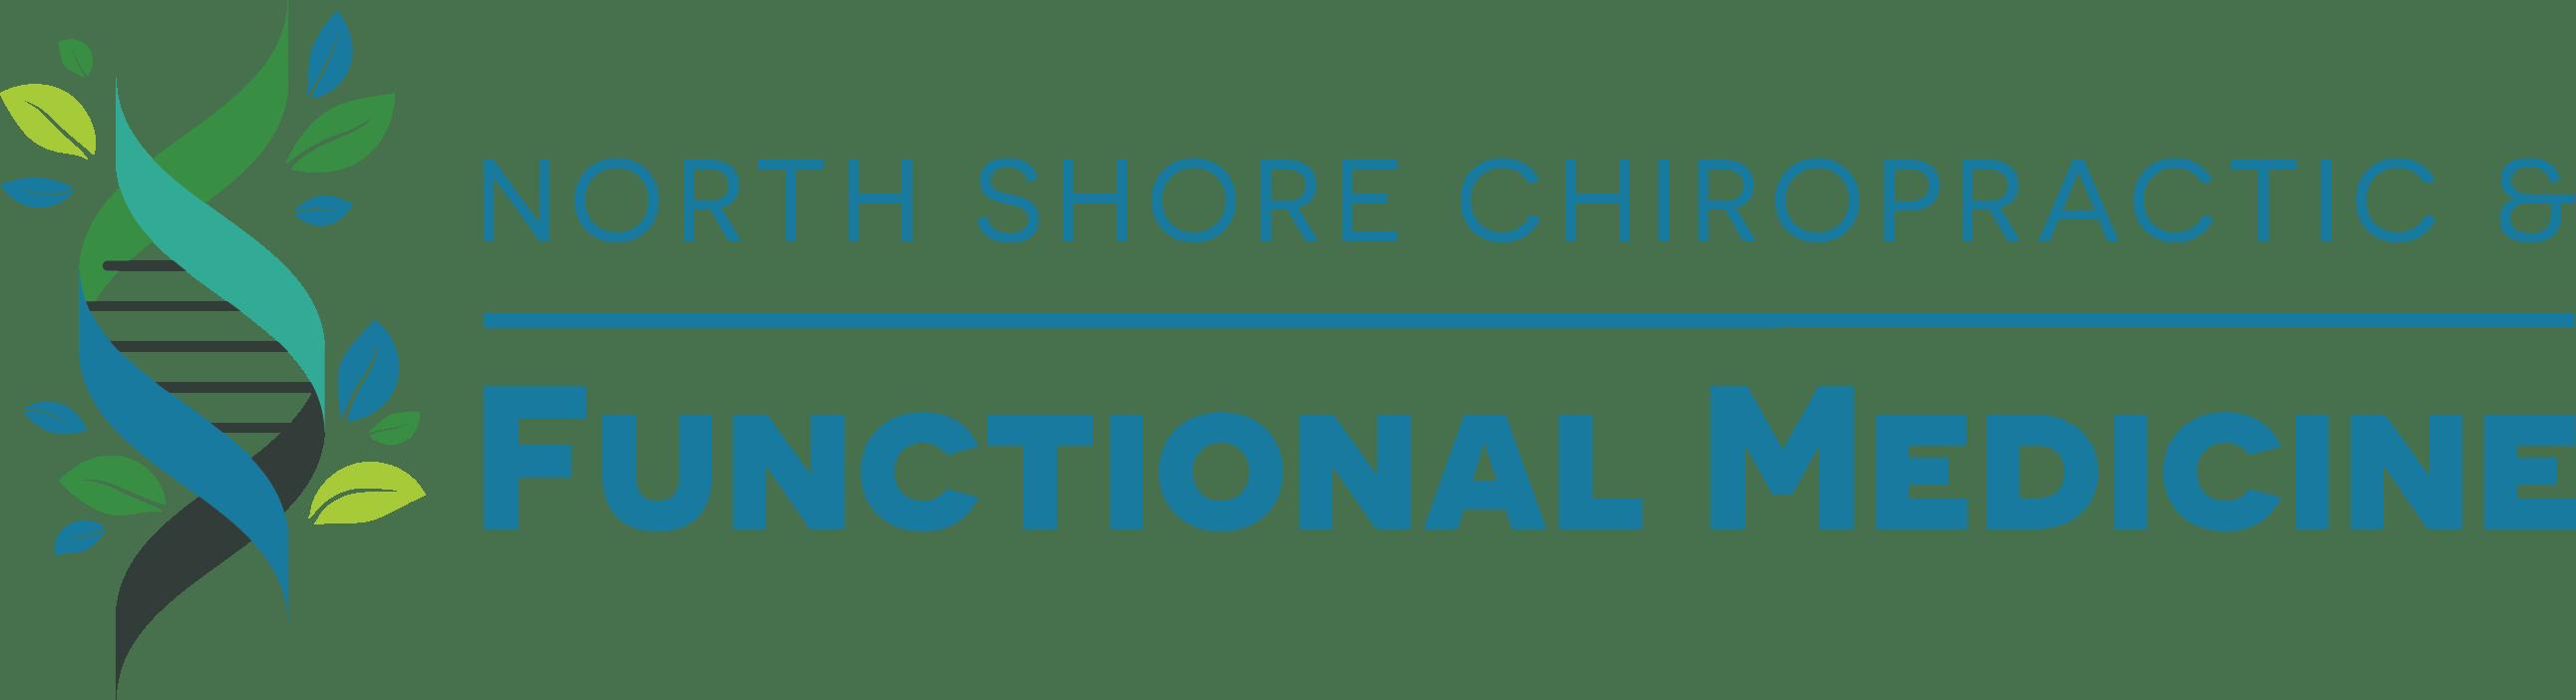 North Shore Chiropractic & Functional Medicine & Chiropractic